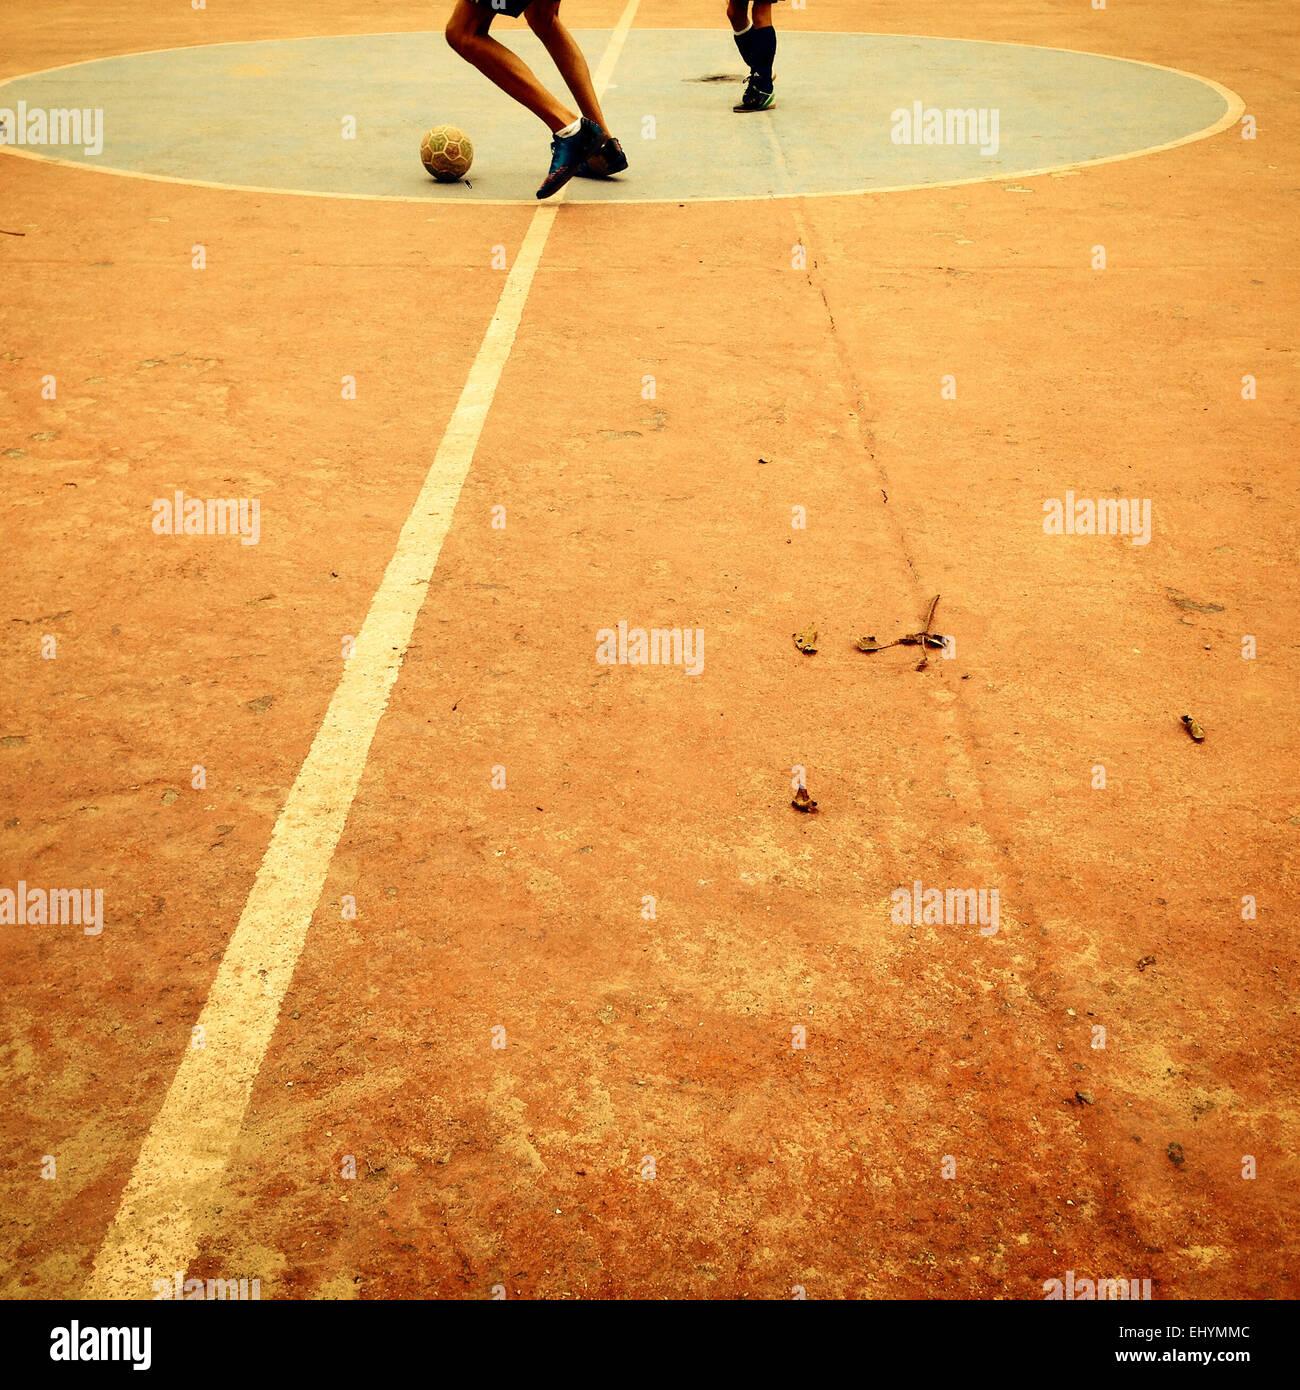 Muchachos jugando al fútbol Imagen De Stock